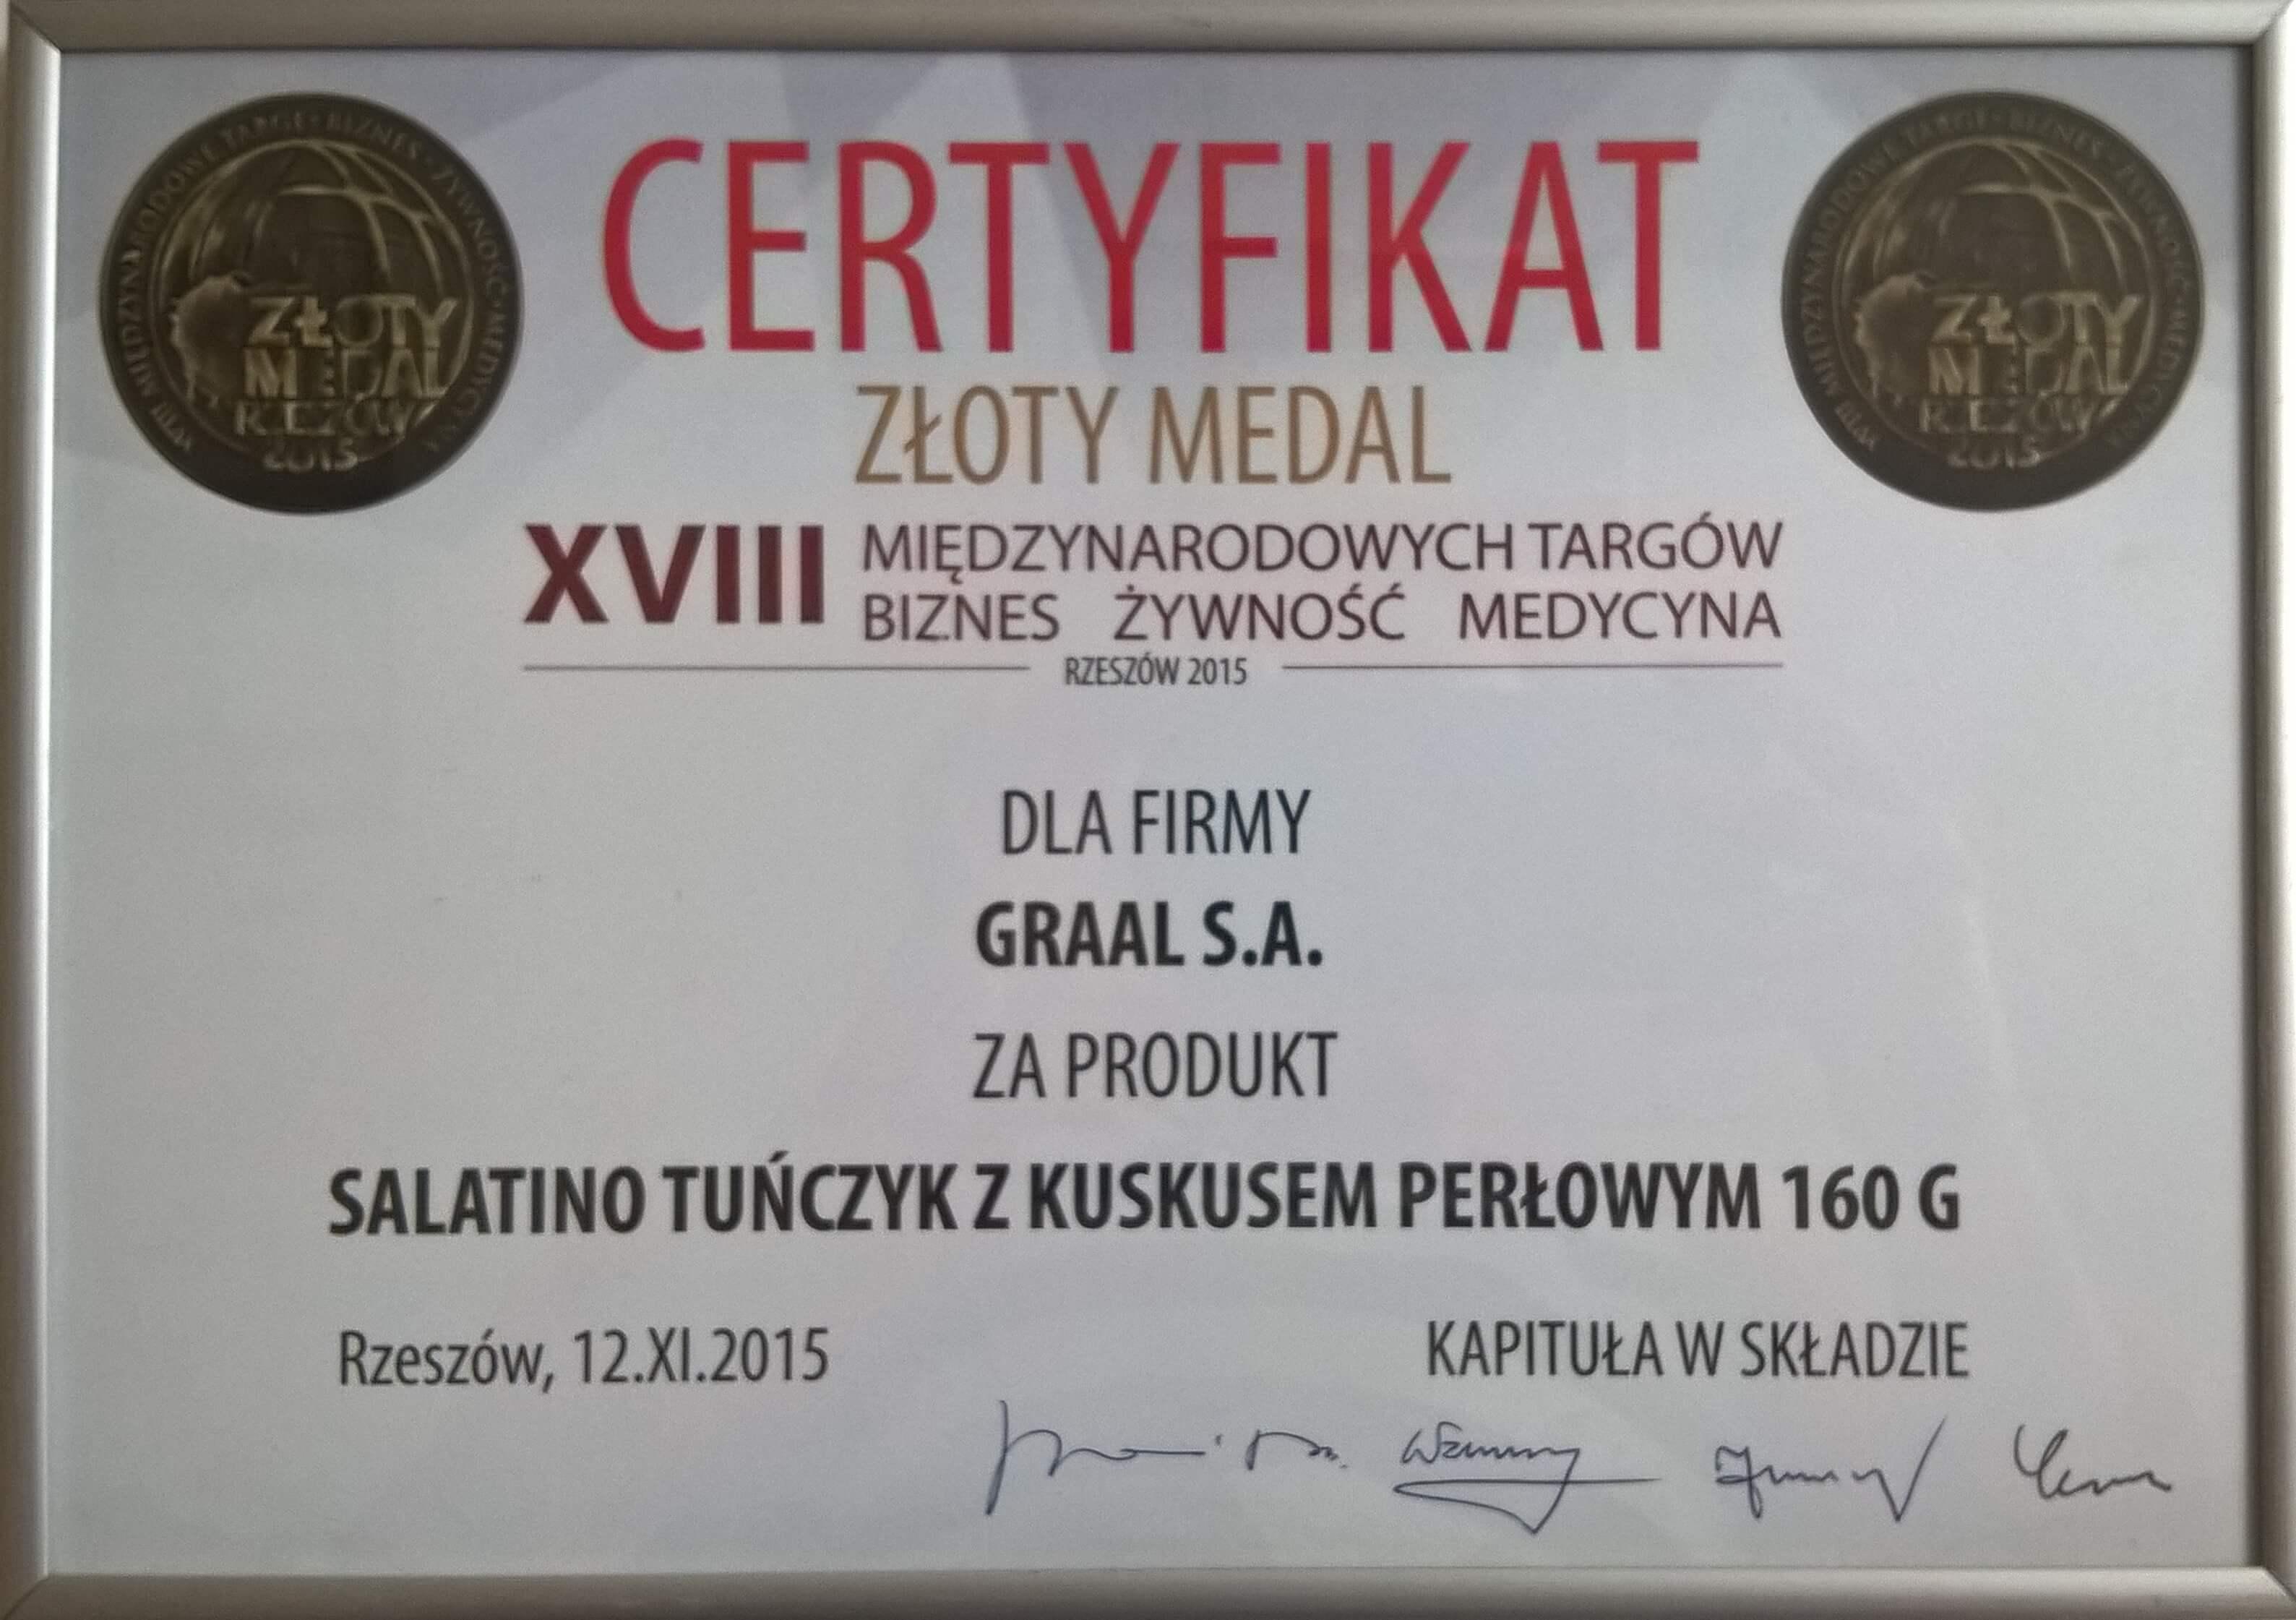 Złoty Medal dla Salatino Tuńczyk z Kuskusem Perłowym